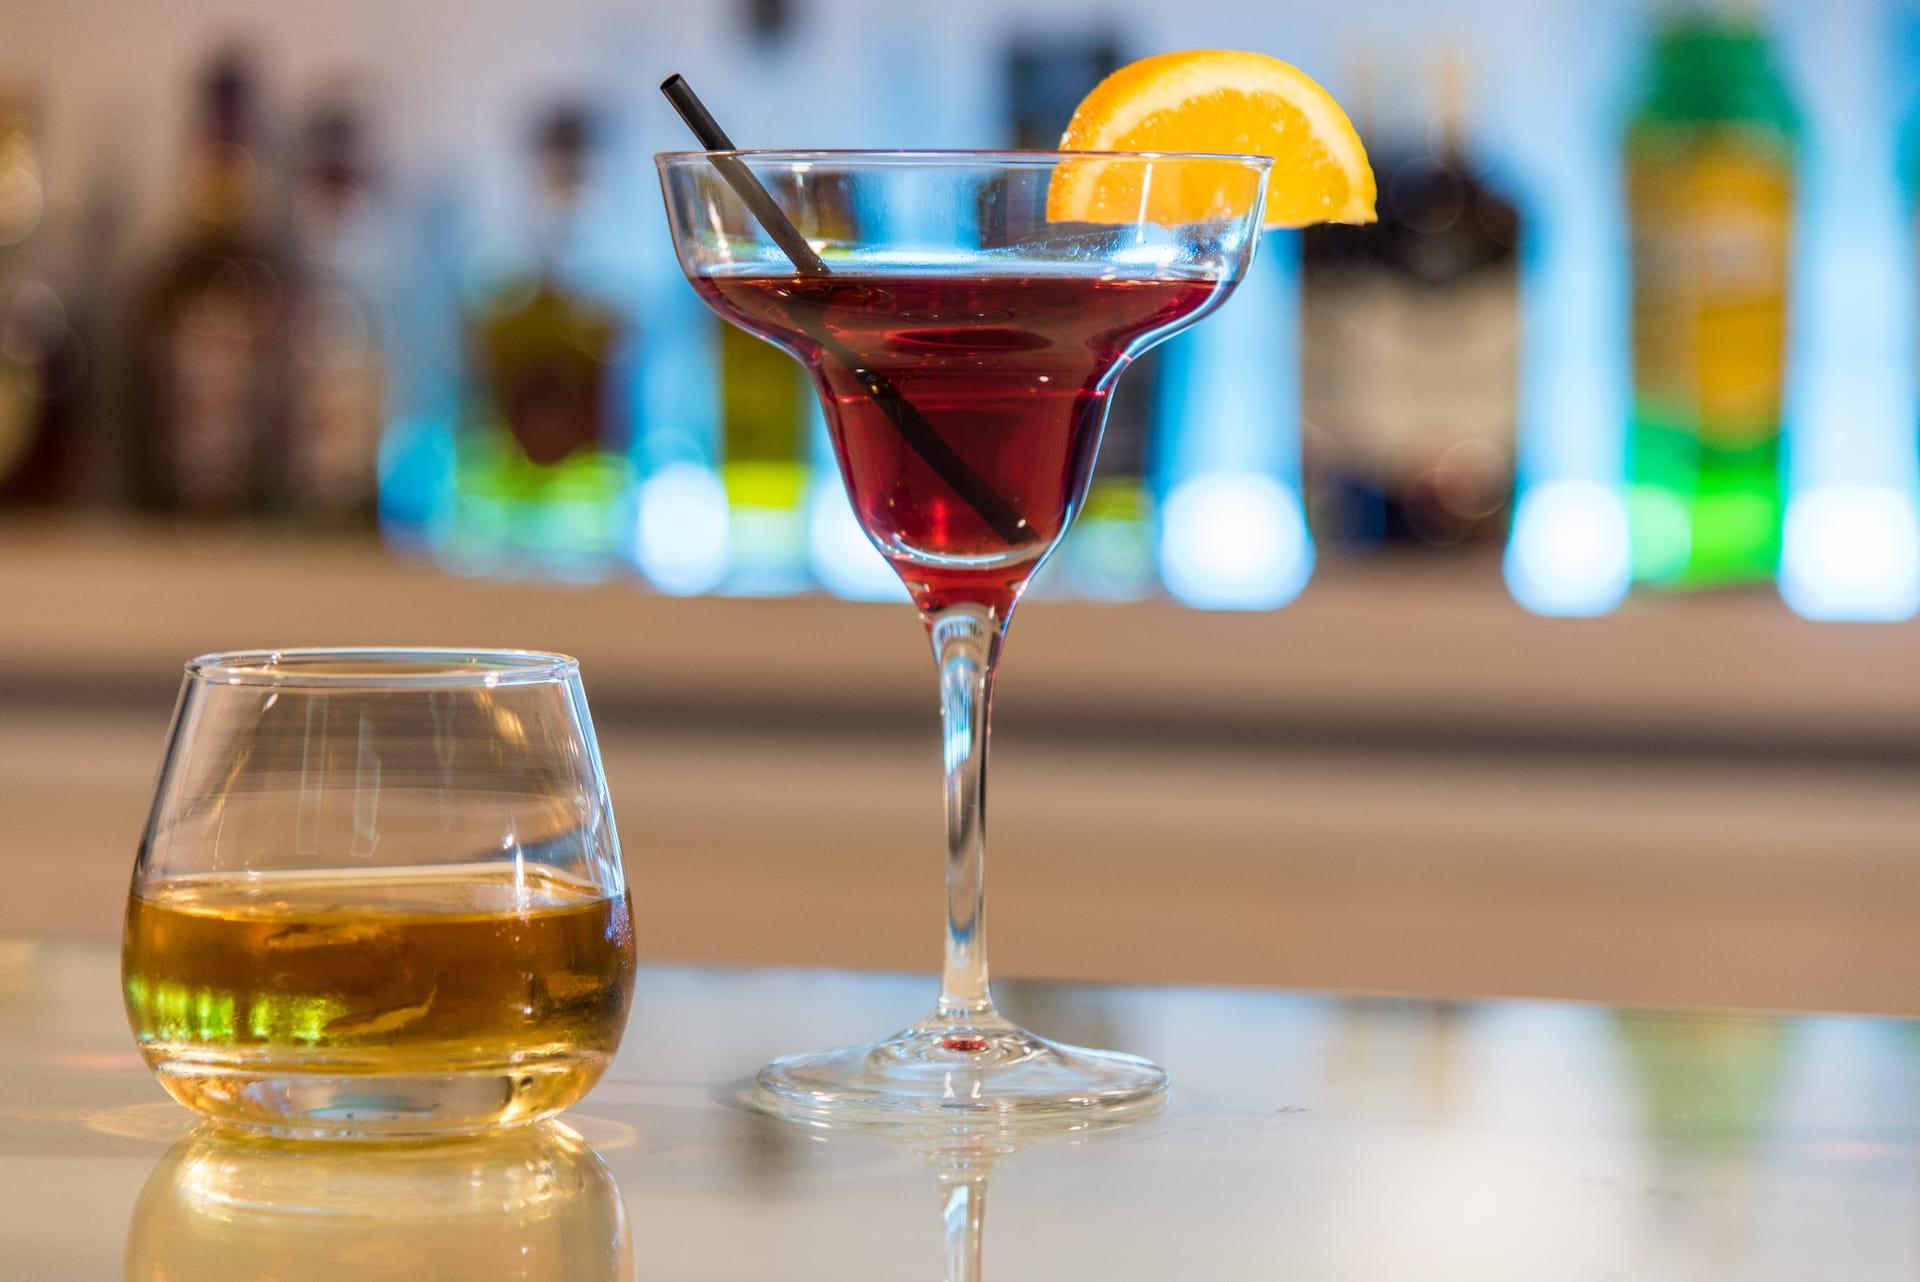 Ποτά όπως σερβίρονται στο μπαρ του ξενοδοχείου ημιδιαμονής Pines Hotel στα βόρεια προάστια.